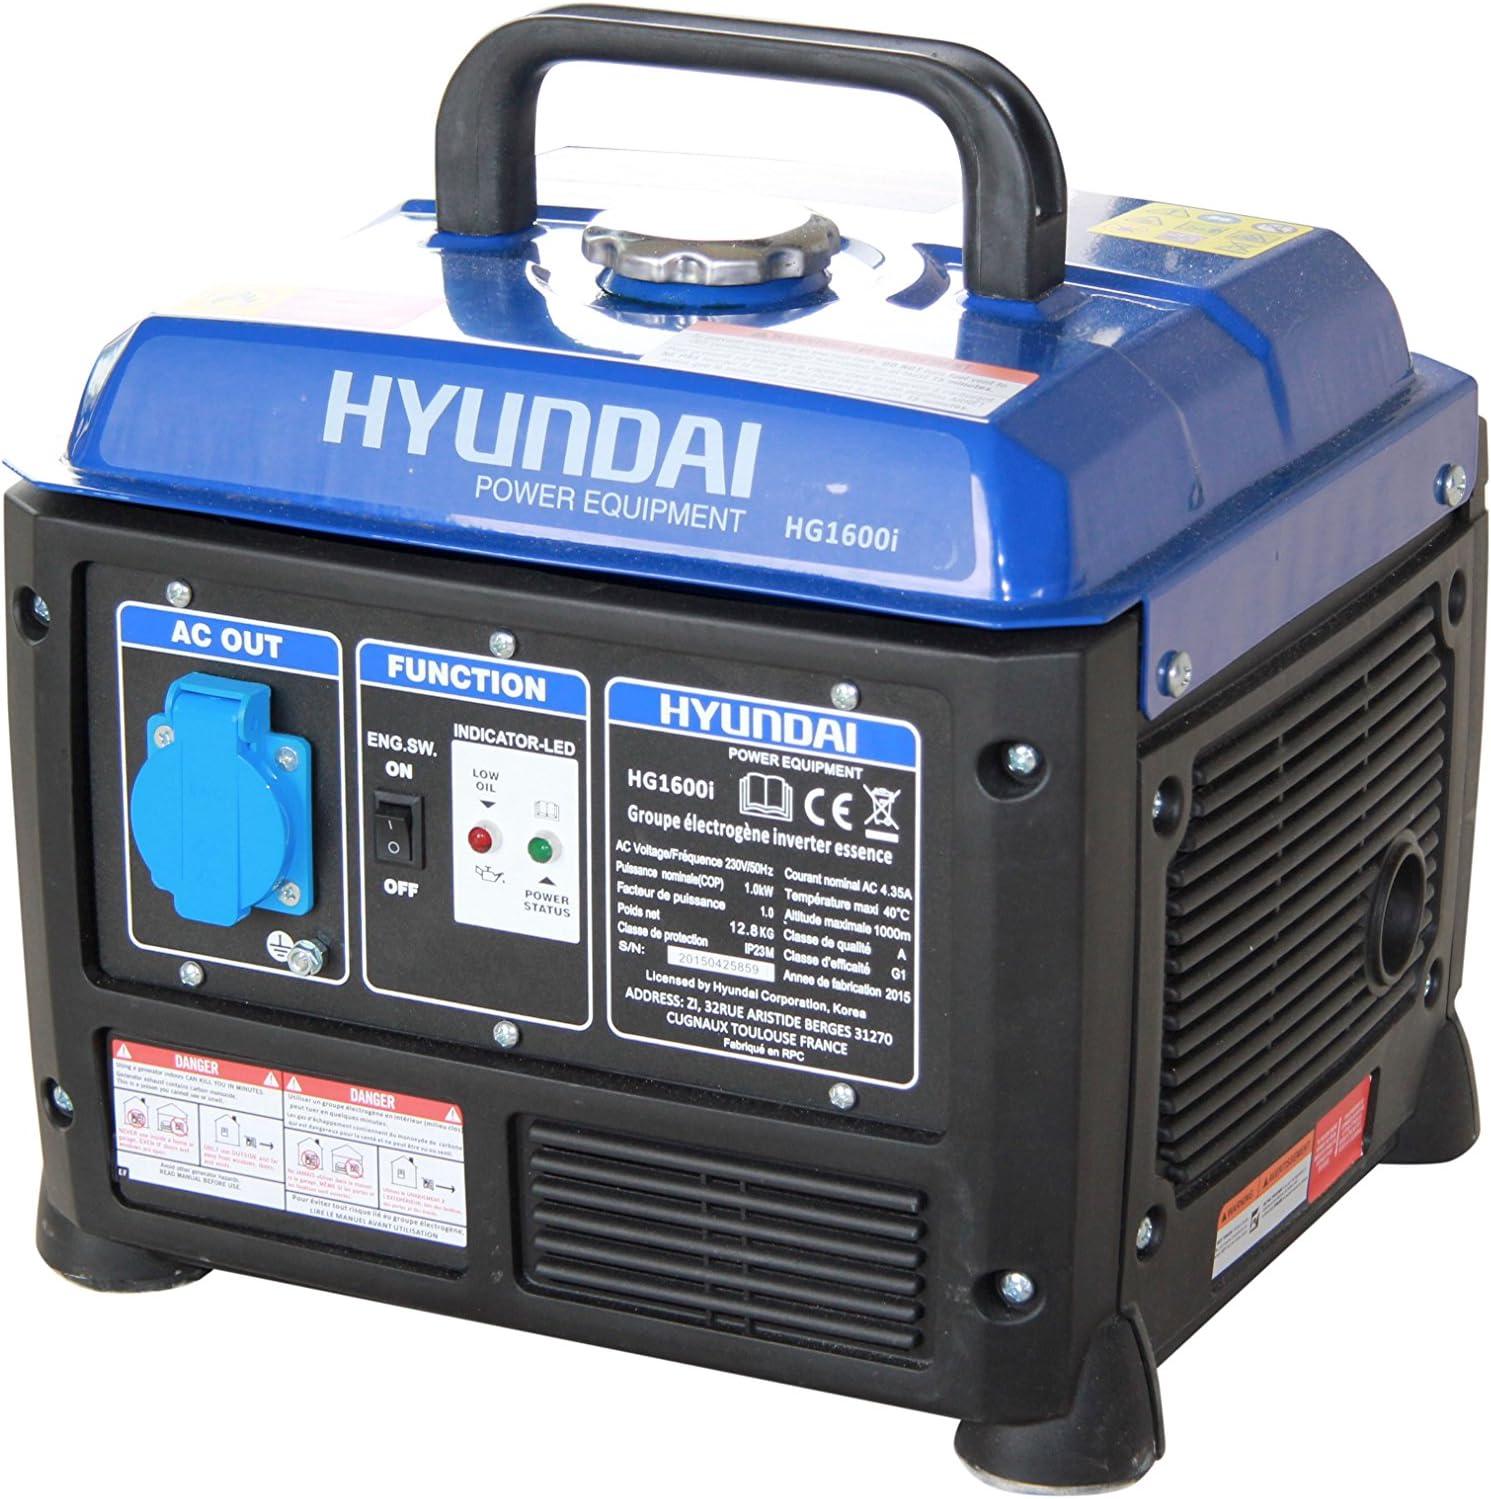 Hyundai HG1600I